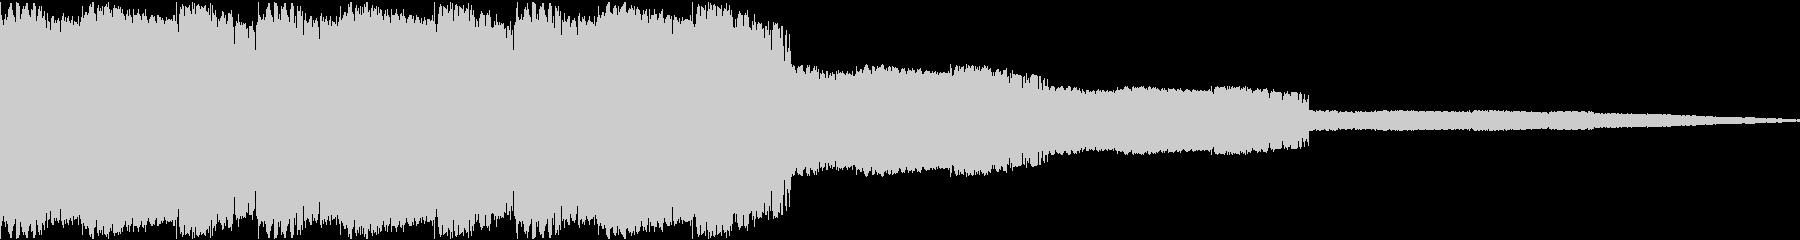 ピロピロ(遊技機 警告 上乗せ)の未再生の波形